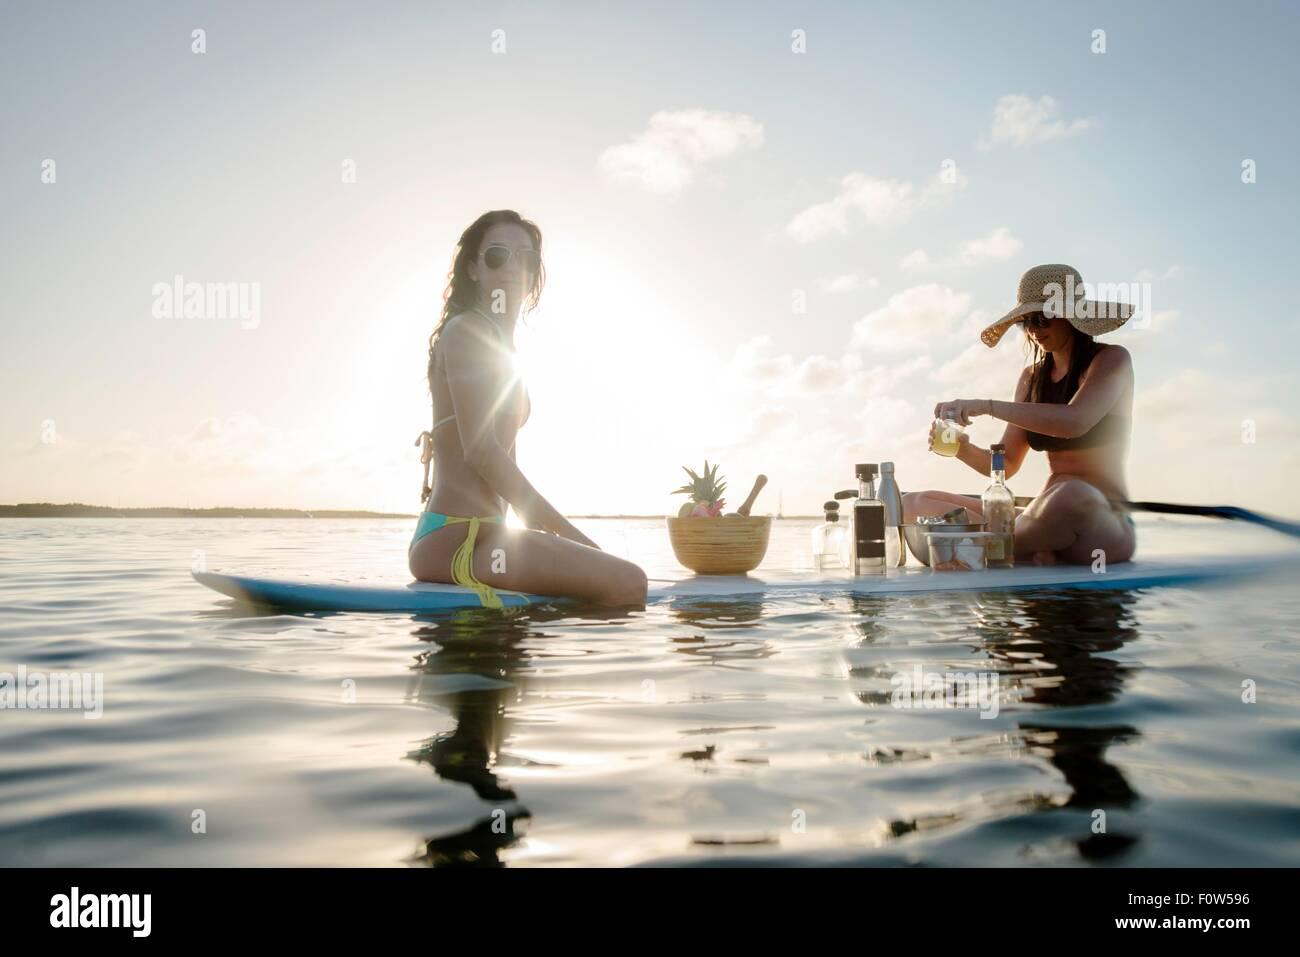 Dos jóvenes mujeres preparar cócteles en paddleboard, Islamorada, Florida, EE.UU. Imagen De Stock